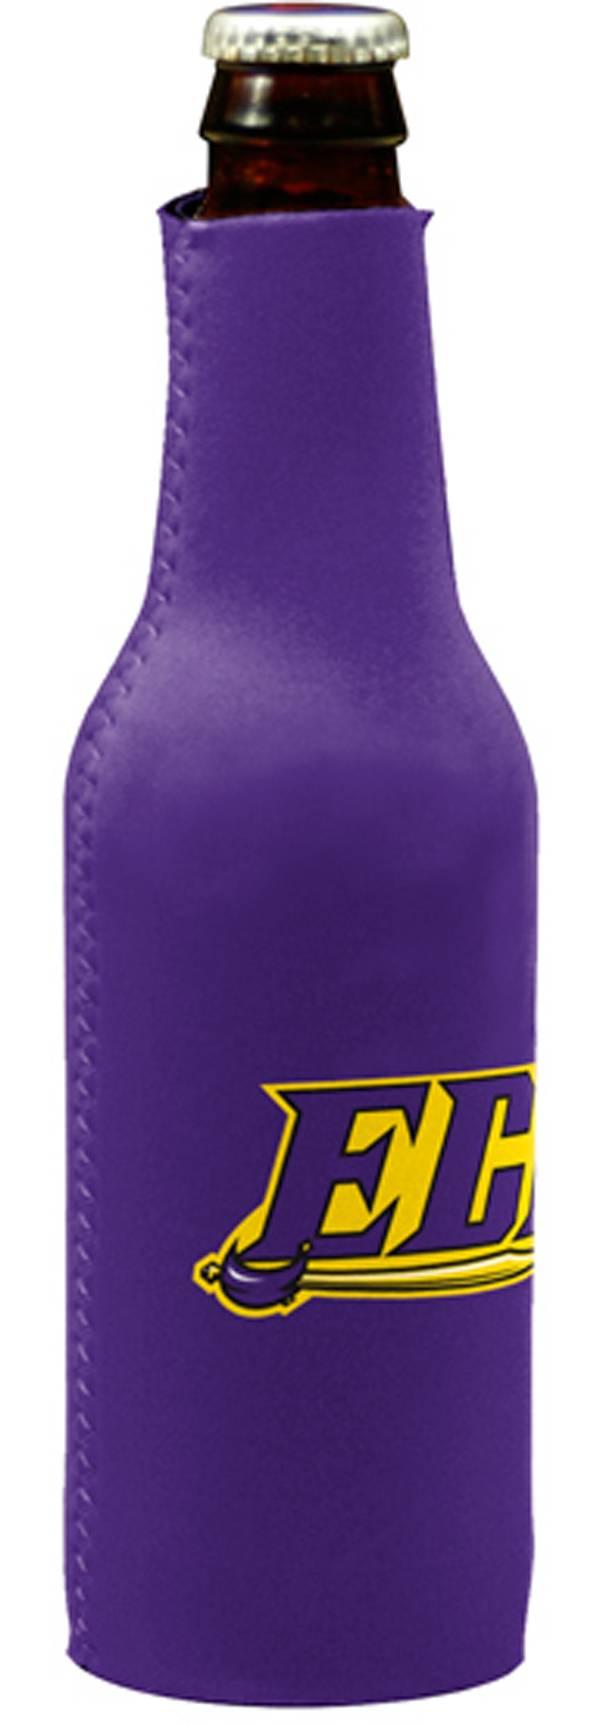 East Carolina Pirates Bottle Koozie product image